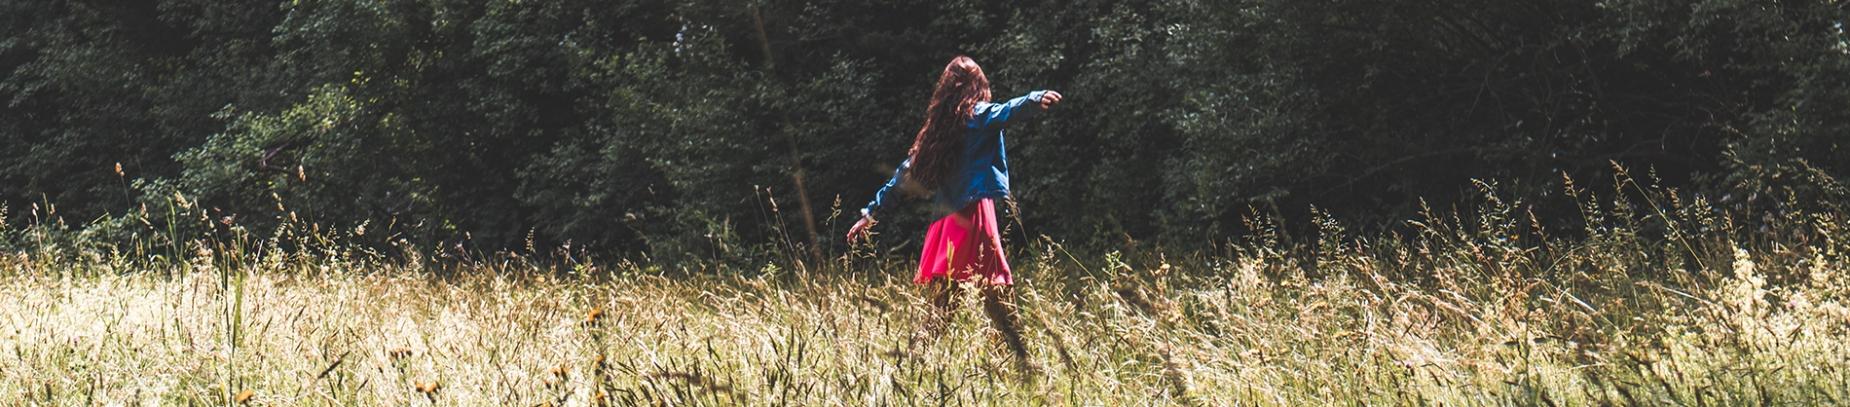 A women dancing in a field